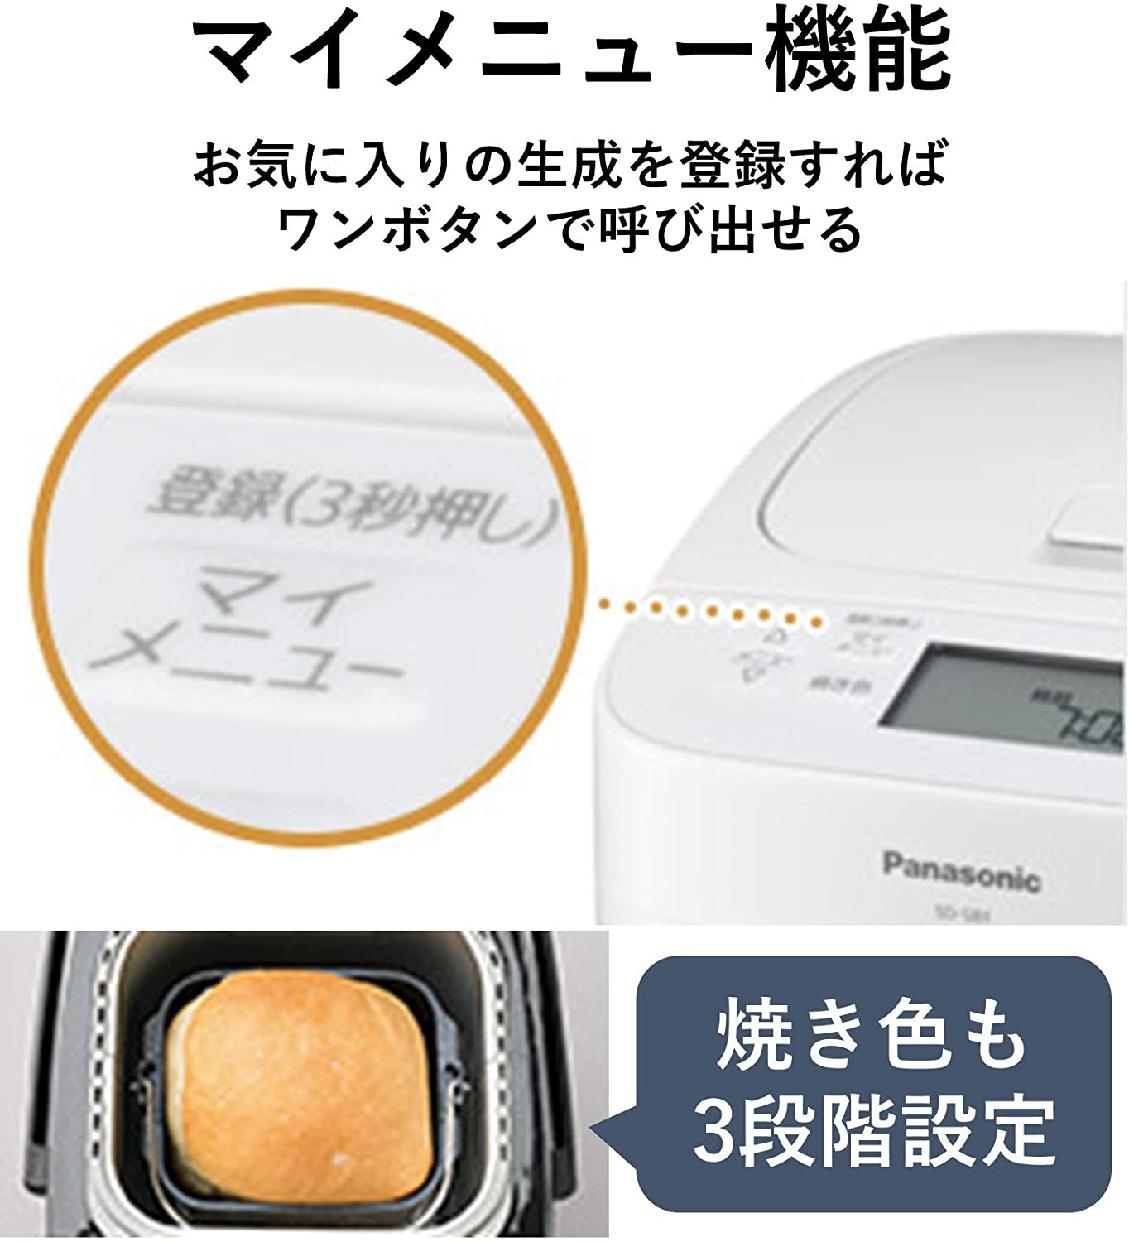 Panasonic(パナソニック)ホームベーカリー SD-SB1の商品画像7